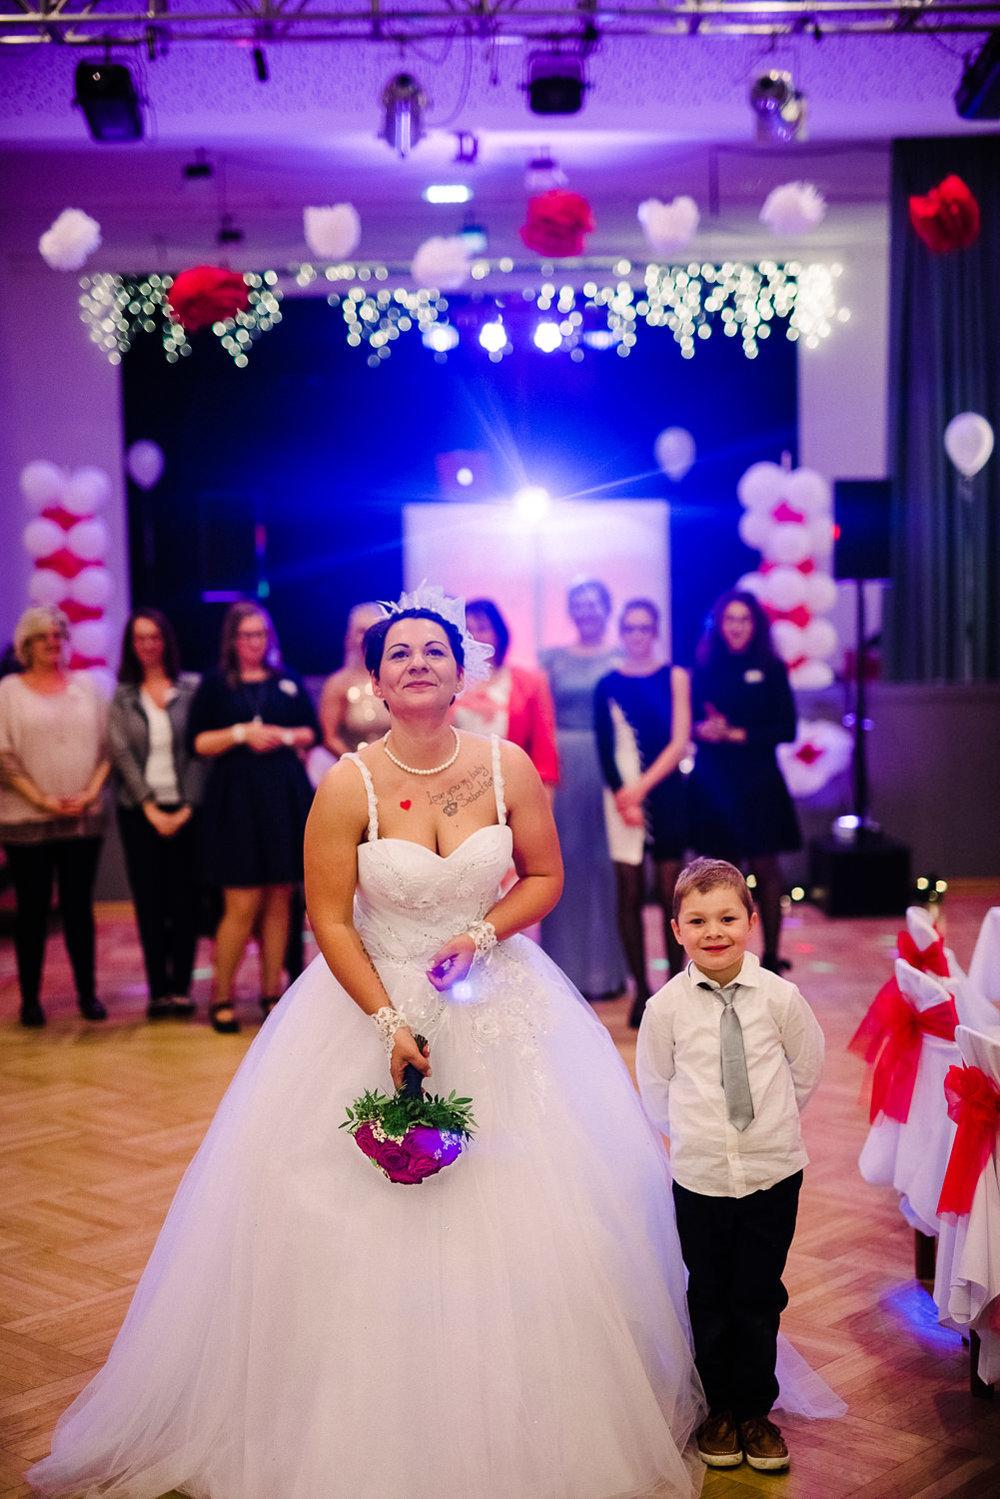 esküvő_rendezvény-fotós.jpg